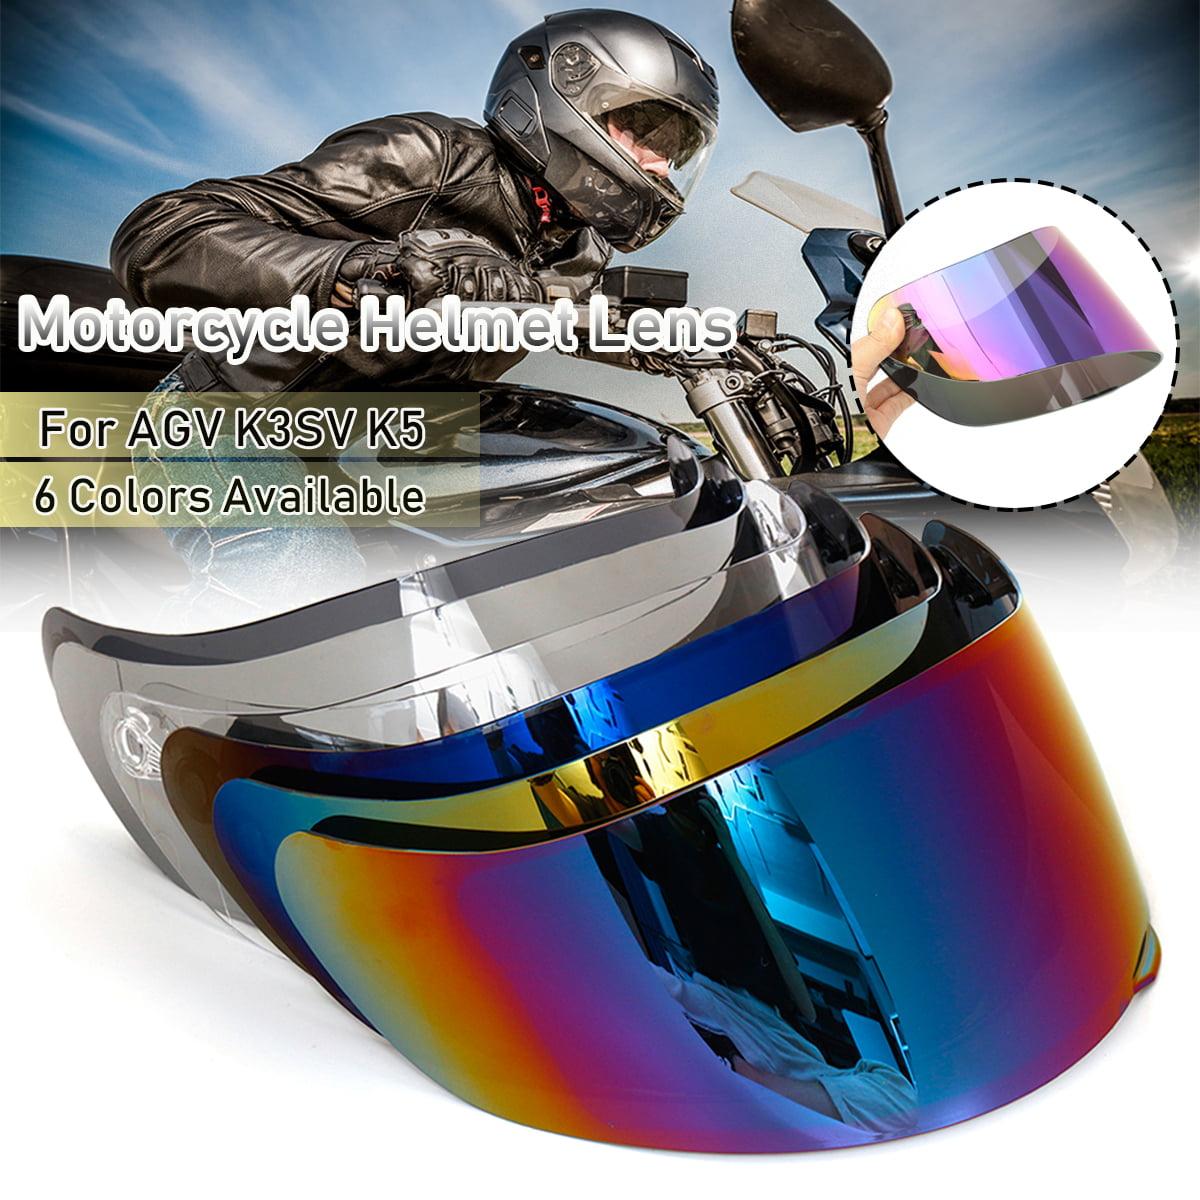 Motorcycle Motocross Wind Shield Helmet Lens Visor Full Face For AGV K1 K3SV K5